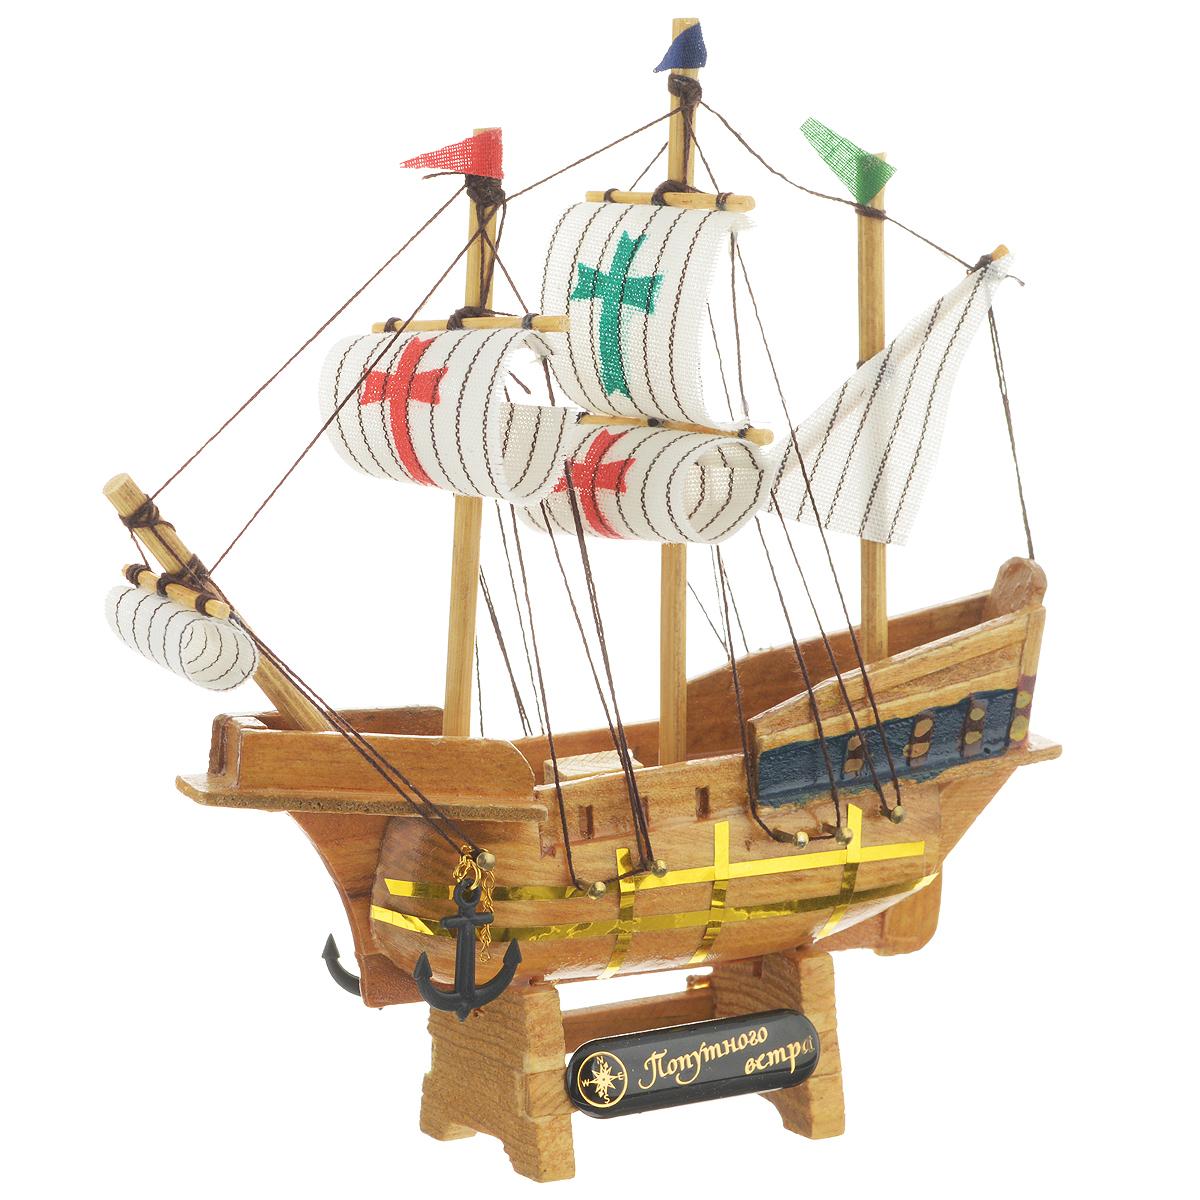 Корабль сувенирный Попутного ветра, длина 15 см333Сувенирный корабль Попутного ветра, изготовленный из дерева и текстиля, это великолепный элемент декора рабочей зоны в офисе или кабинете. Корабль с парусами и якорями помещен на деревянную подставку. Время идет, и мы становимся свидетелями развития технического прогресса, новых учений и практик. Но одно не подвластно времени - это любовь человека к морю и кораблям. Сувенирный корабль наполнен историей и силой океанских вод. Данная модель кораблика станет отличным подарком для всех любителей морей, поклонников историй о покорении океанов и неизведанных земель. Модель корабля - подарок со смыслом. Издавна на Руси считалось, что корабли приносят удачу и везение. Поэтому их изображения, фигурки и точные копии всегда присутствовали в помещениях. Удивите себя и своих близких необычным презентом.